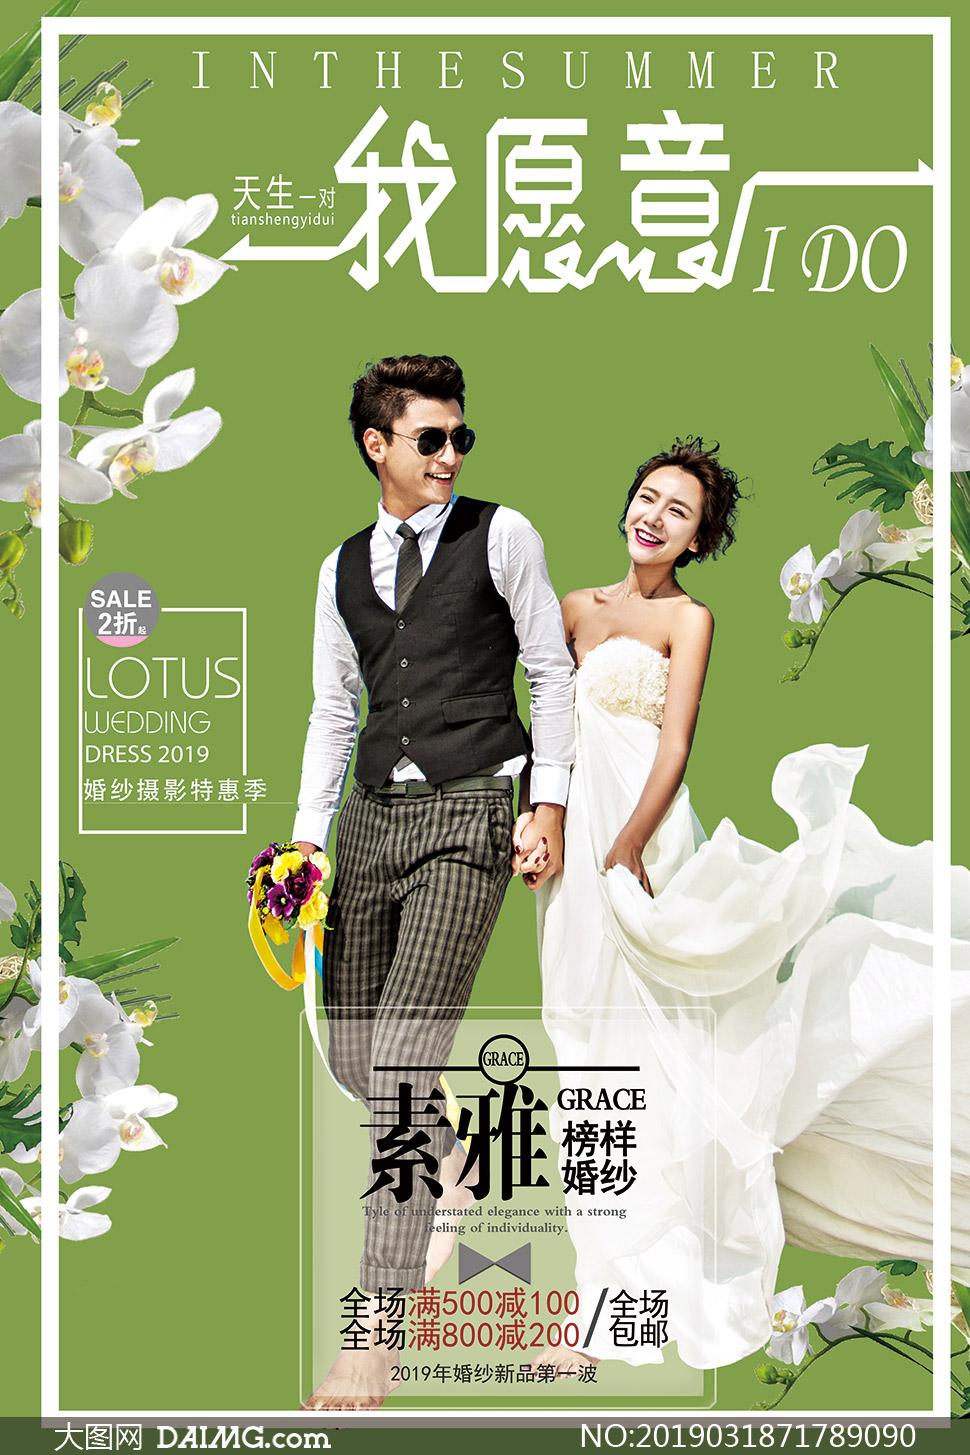 婚纱摄影特惠季广告海报设计源文件图片